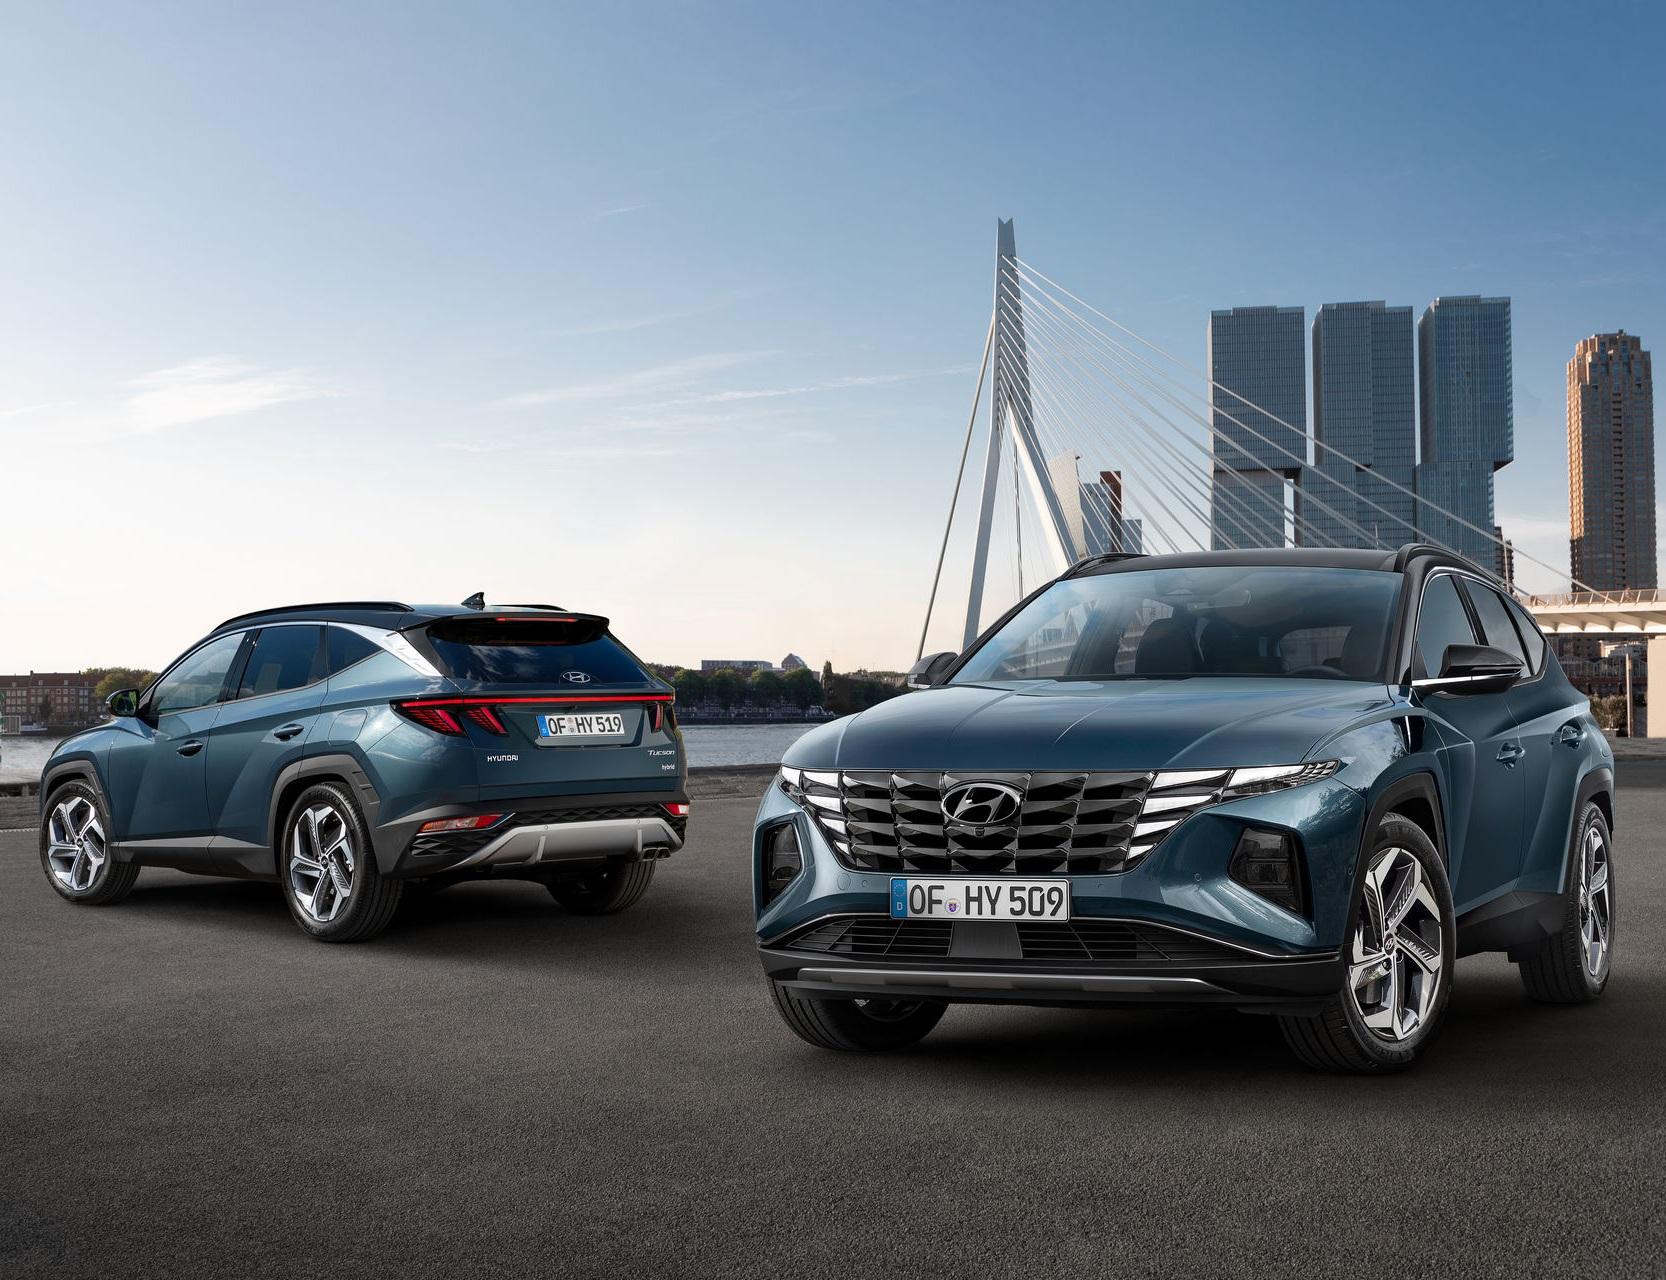 Новый Hyundai Tucson стал симбиозом Lamborghini Urus и Lexus UX